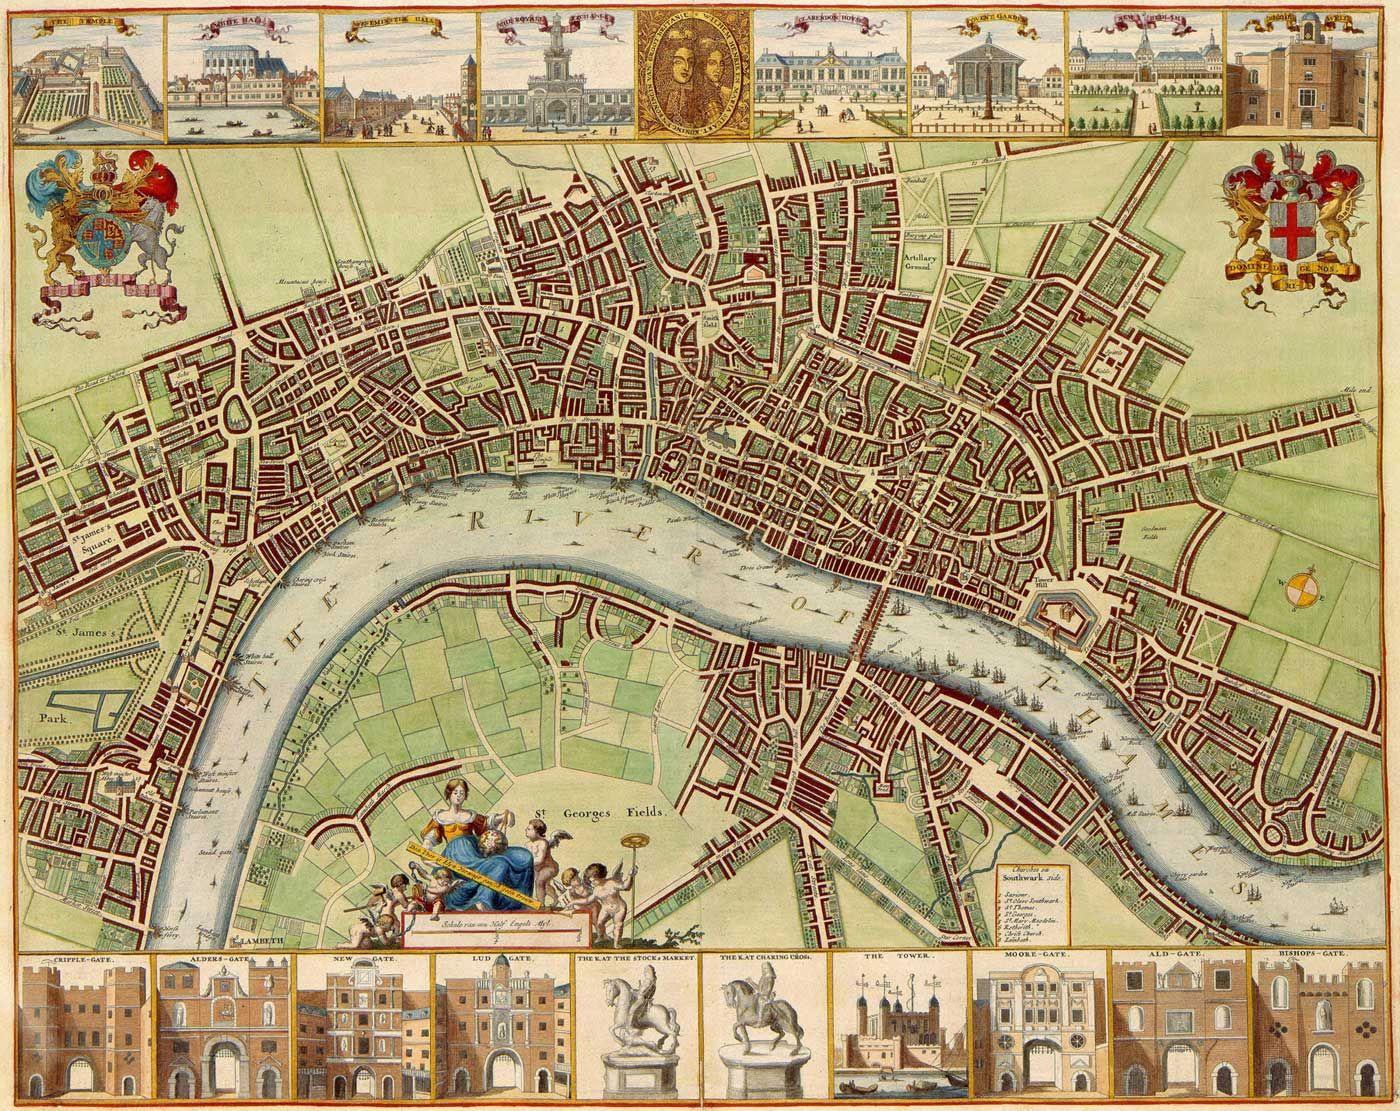 Mapa London%0A London Historical Map  Mapsof net